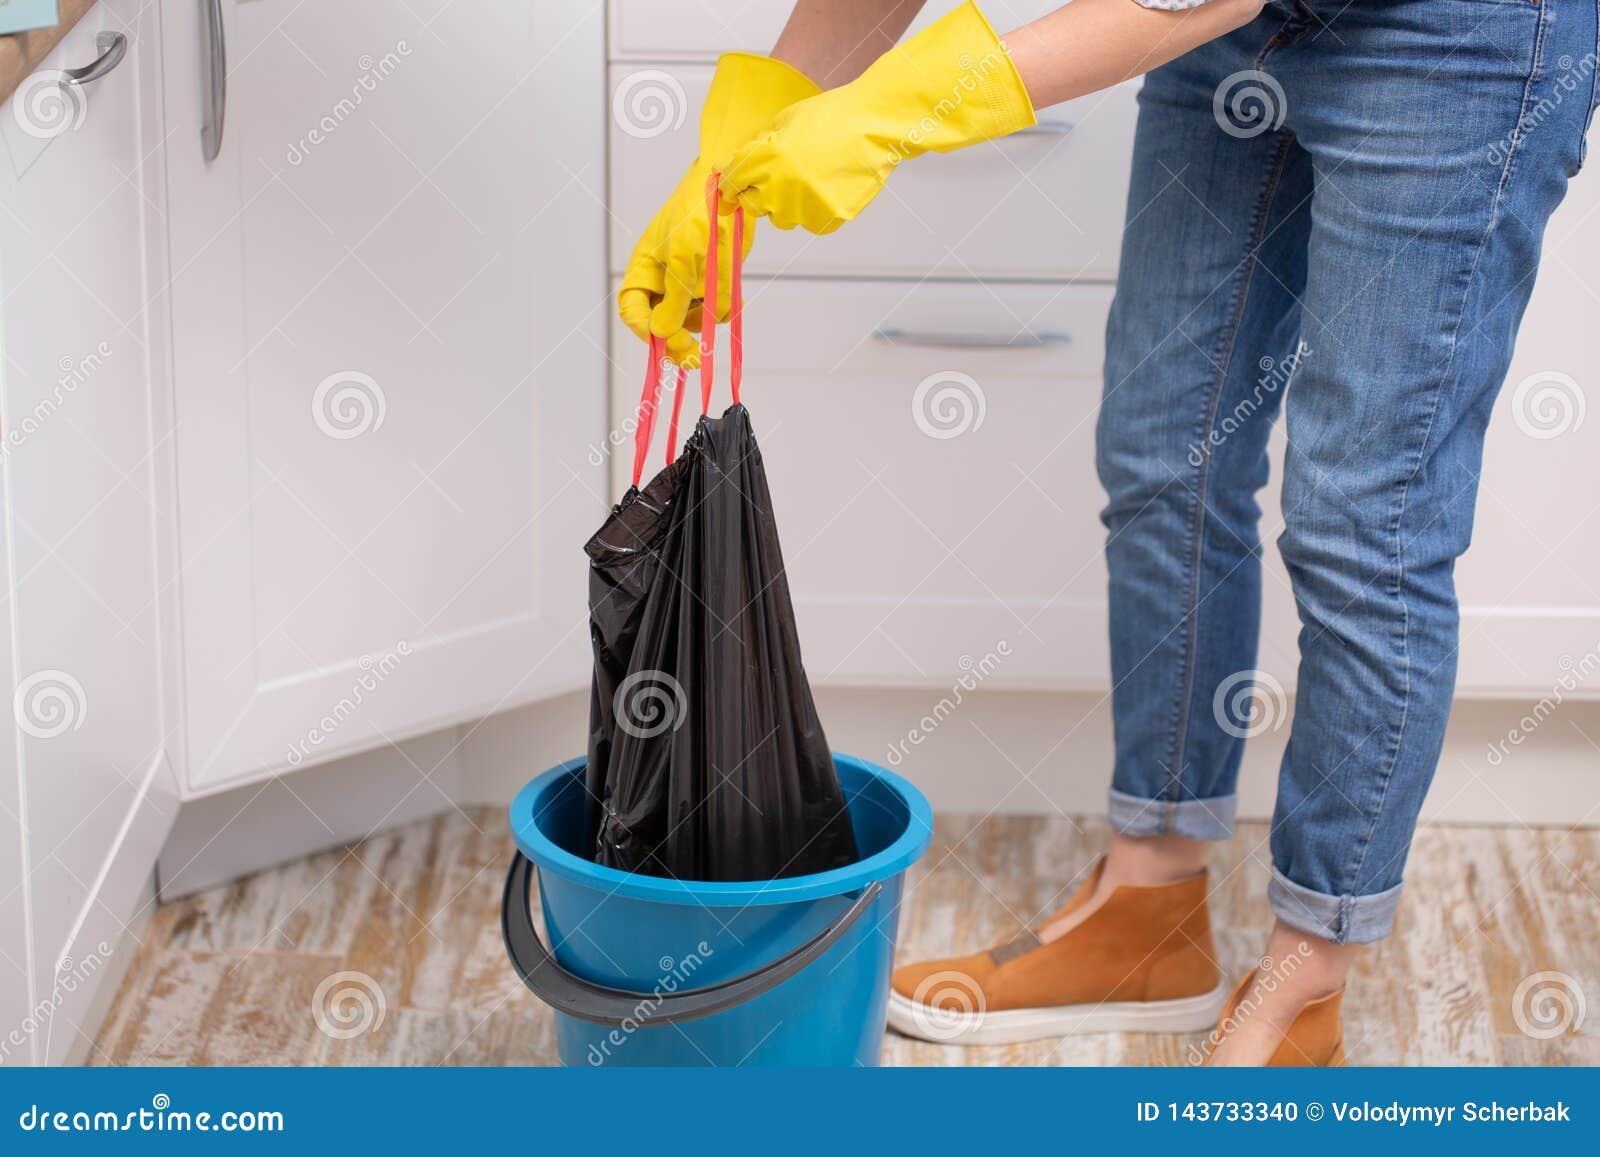 Main tenant un sac de déchets de déchets à la maison pour l enlever